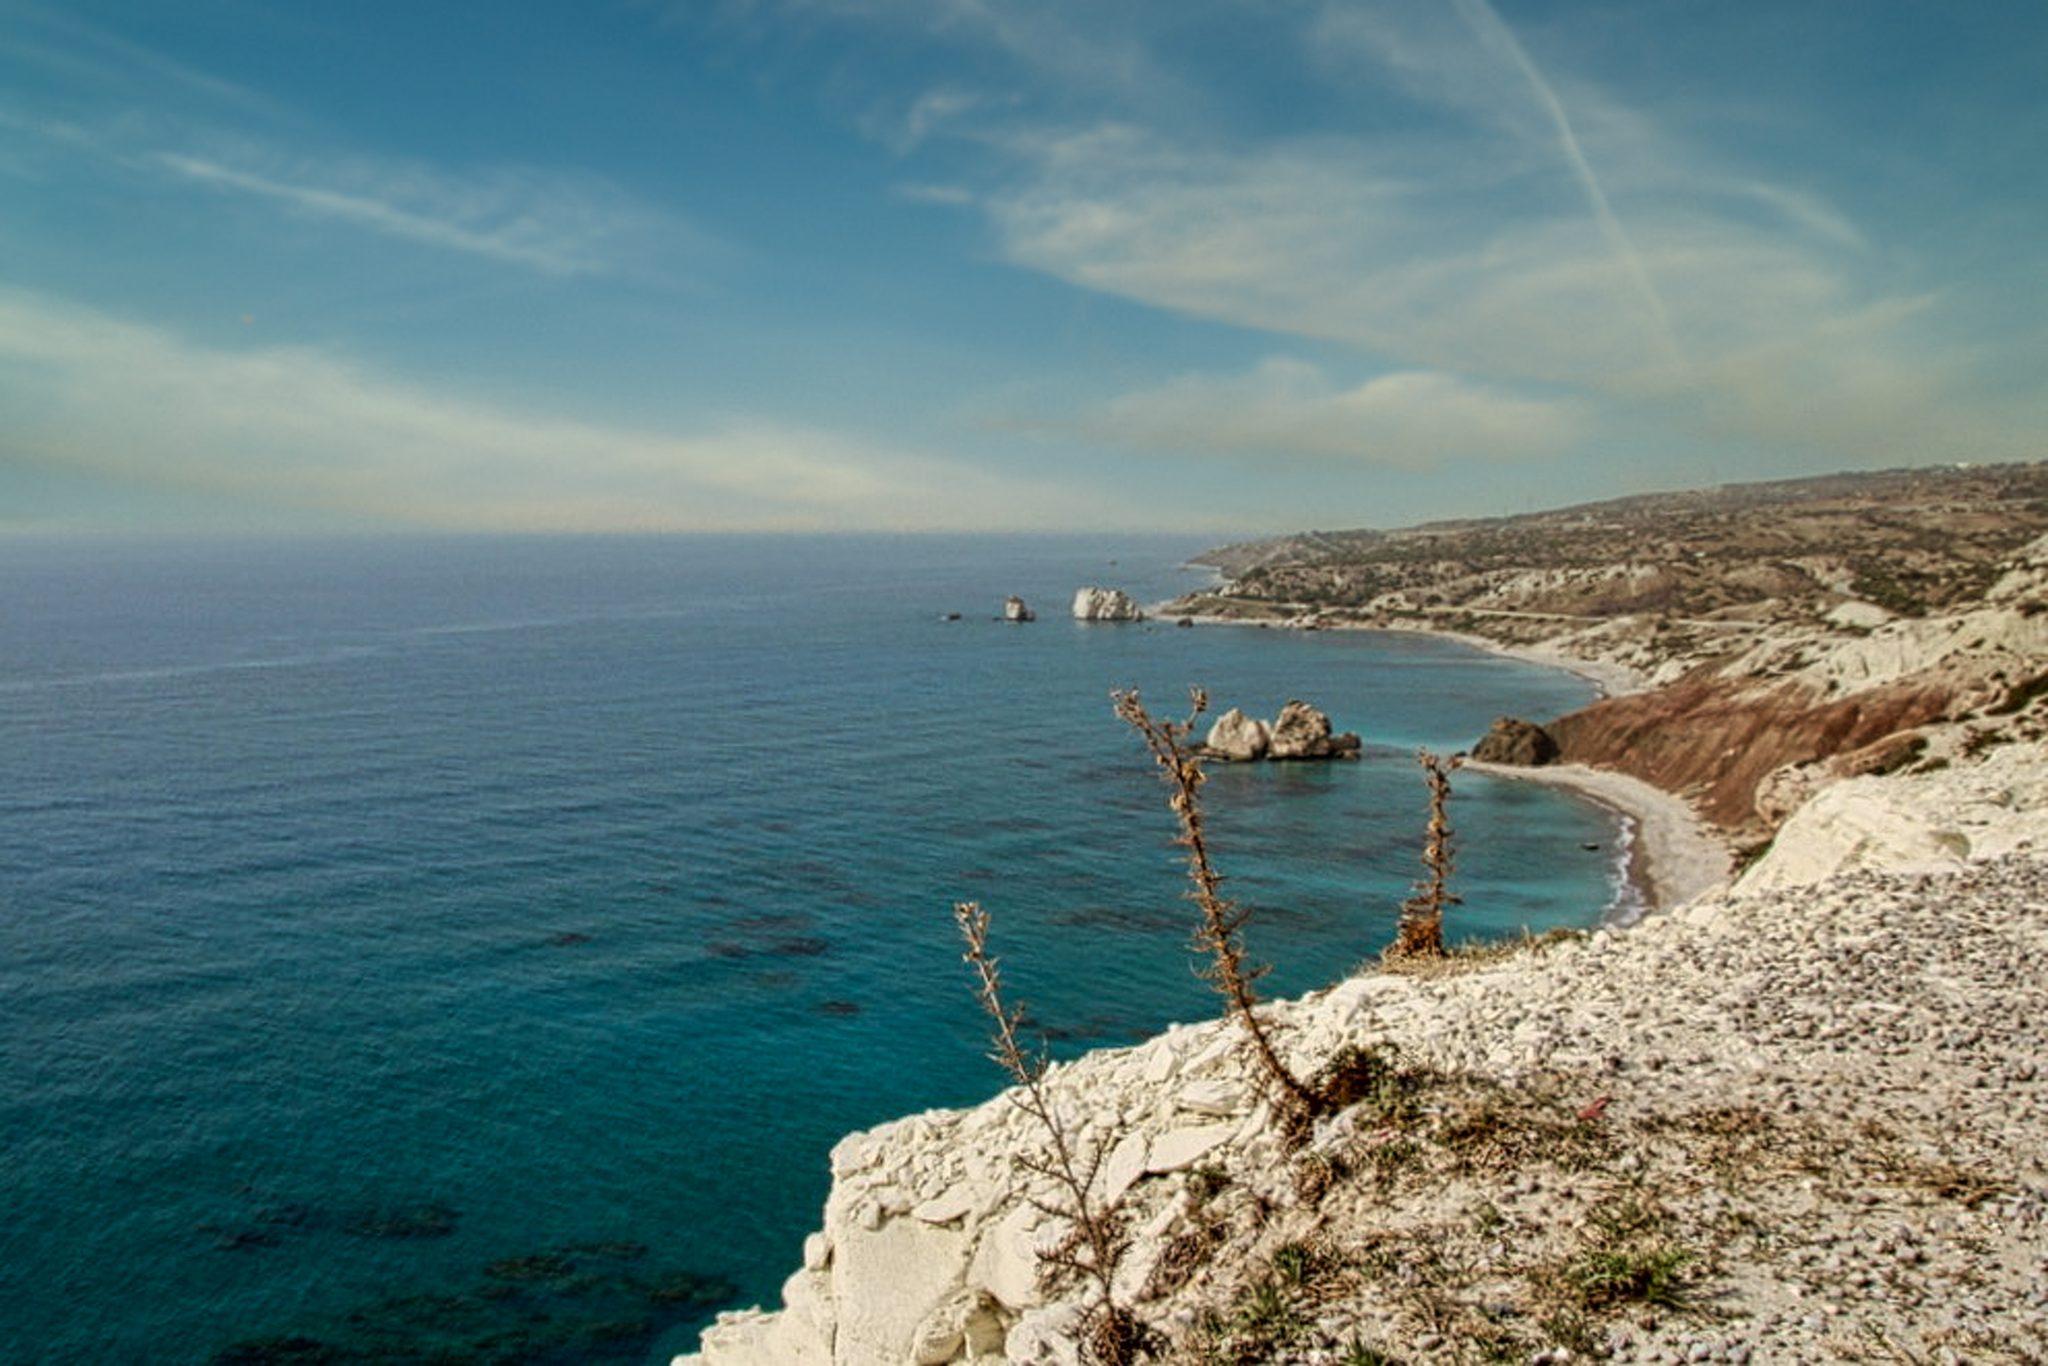 Eine Reise nach Zypern im Winter. Entspannter Urlaub am Mittelmeer.